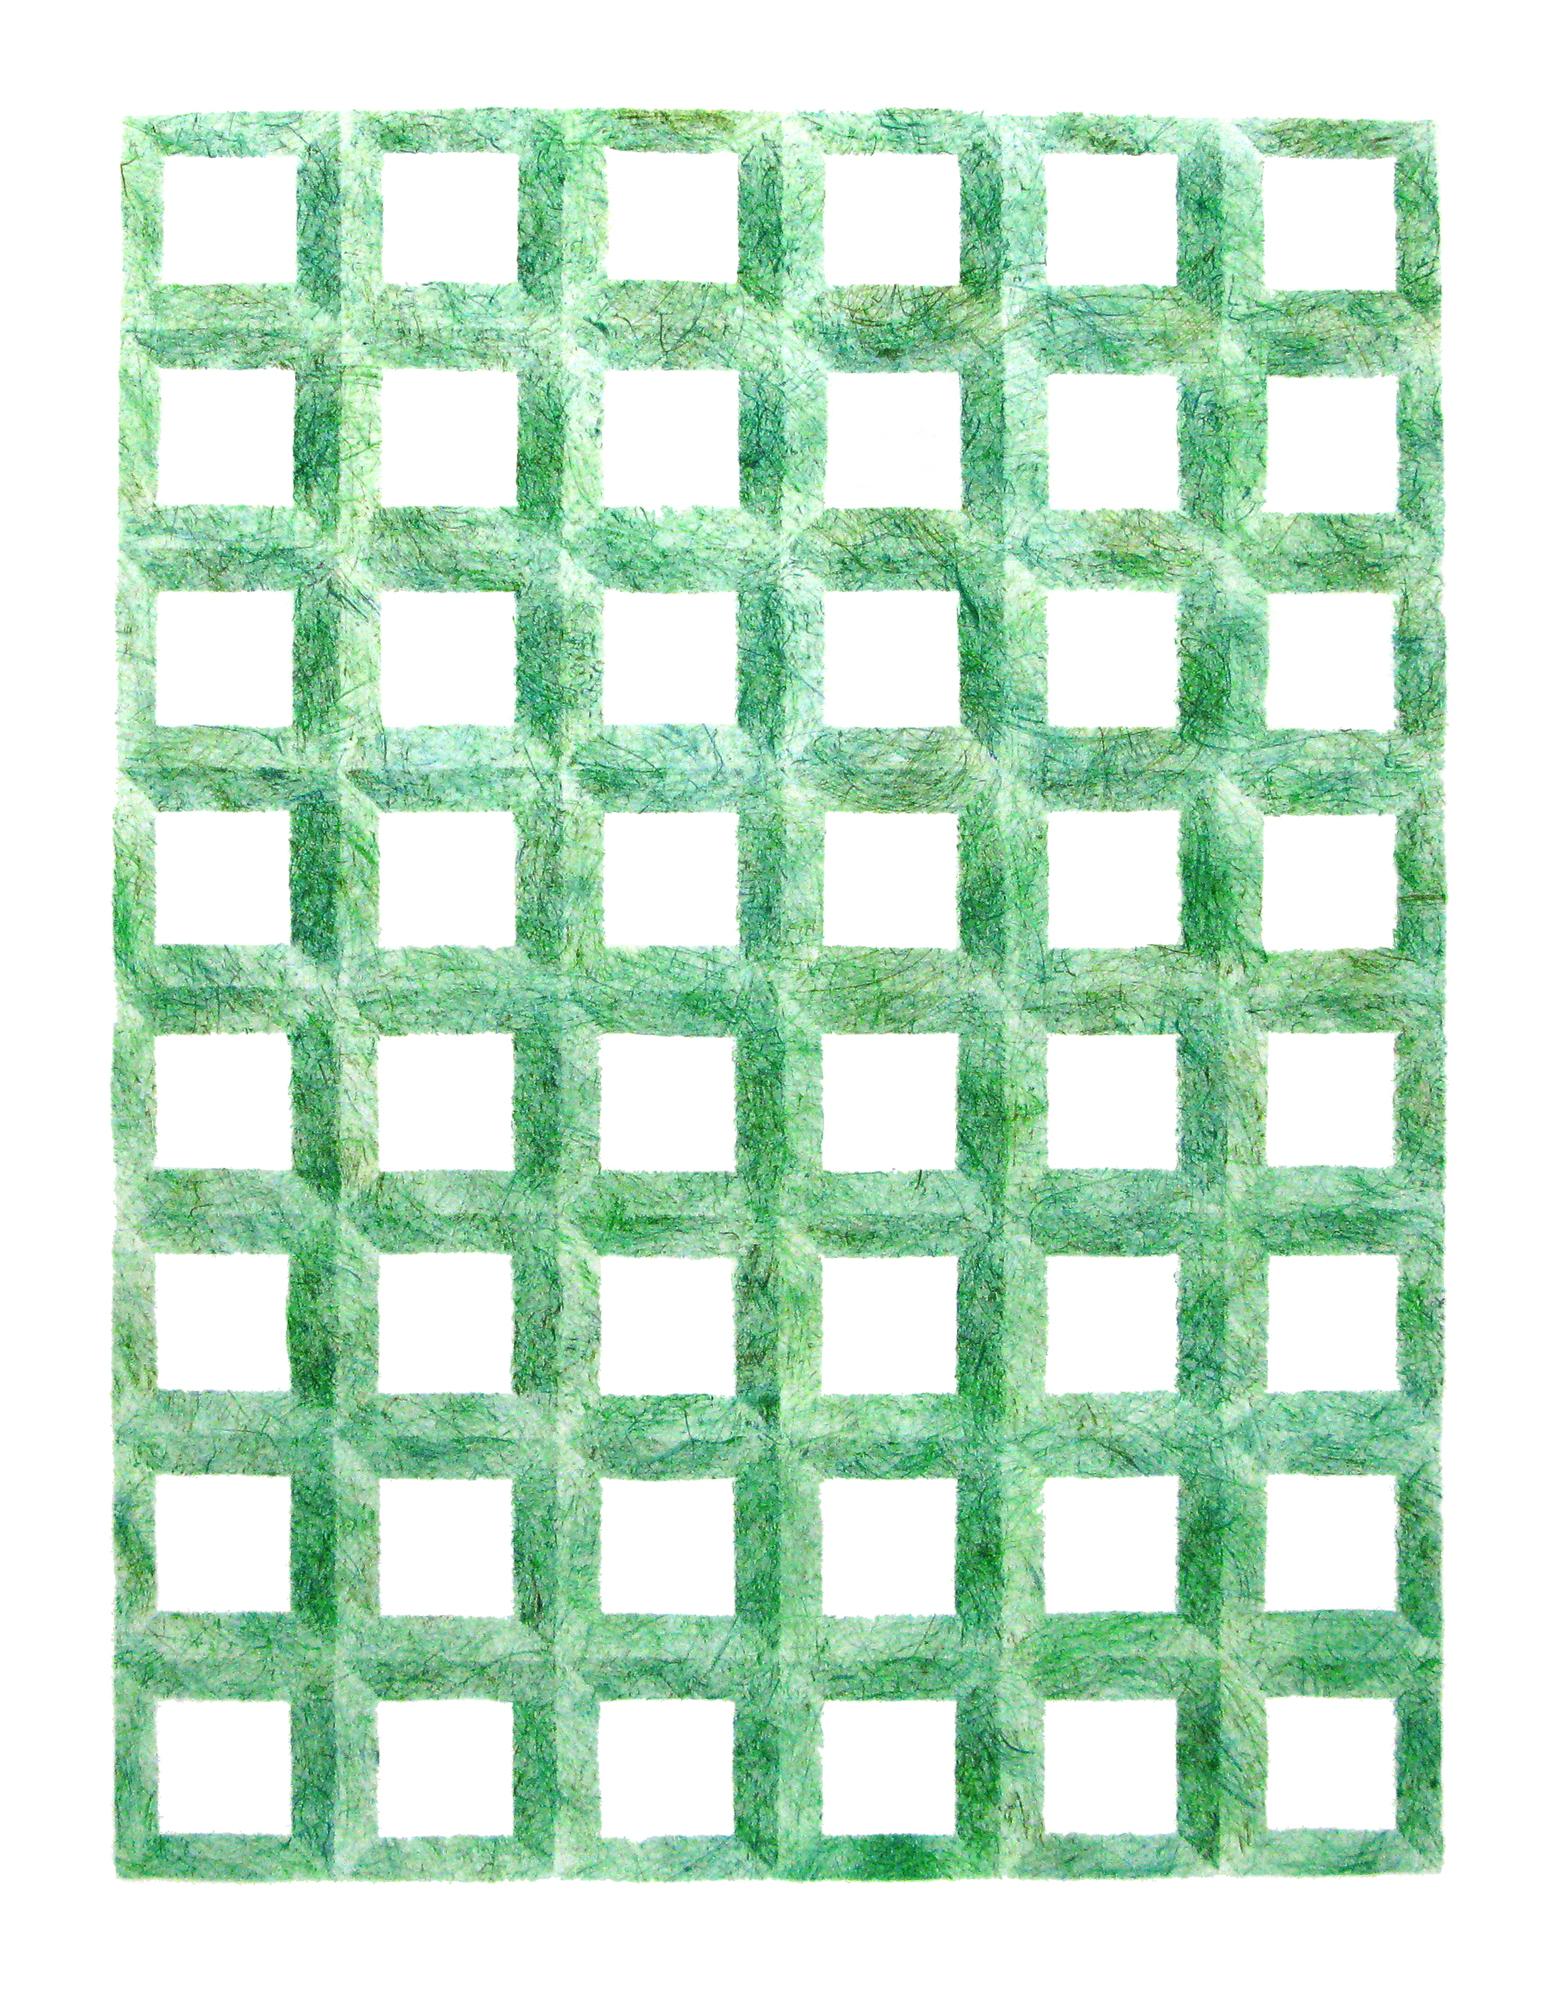 Delhorme 2018 pastel a l'huile sur papier 70x90 cm 72